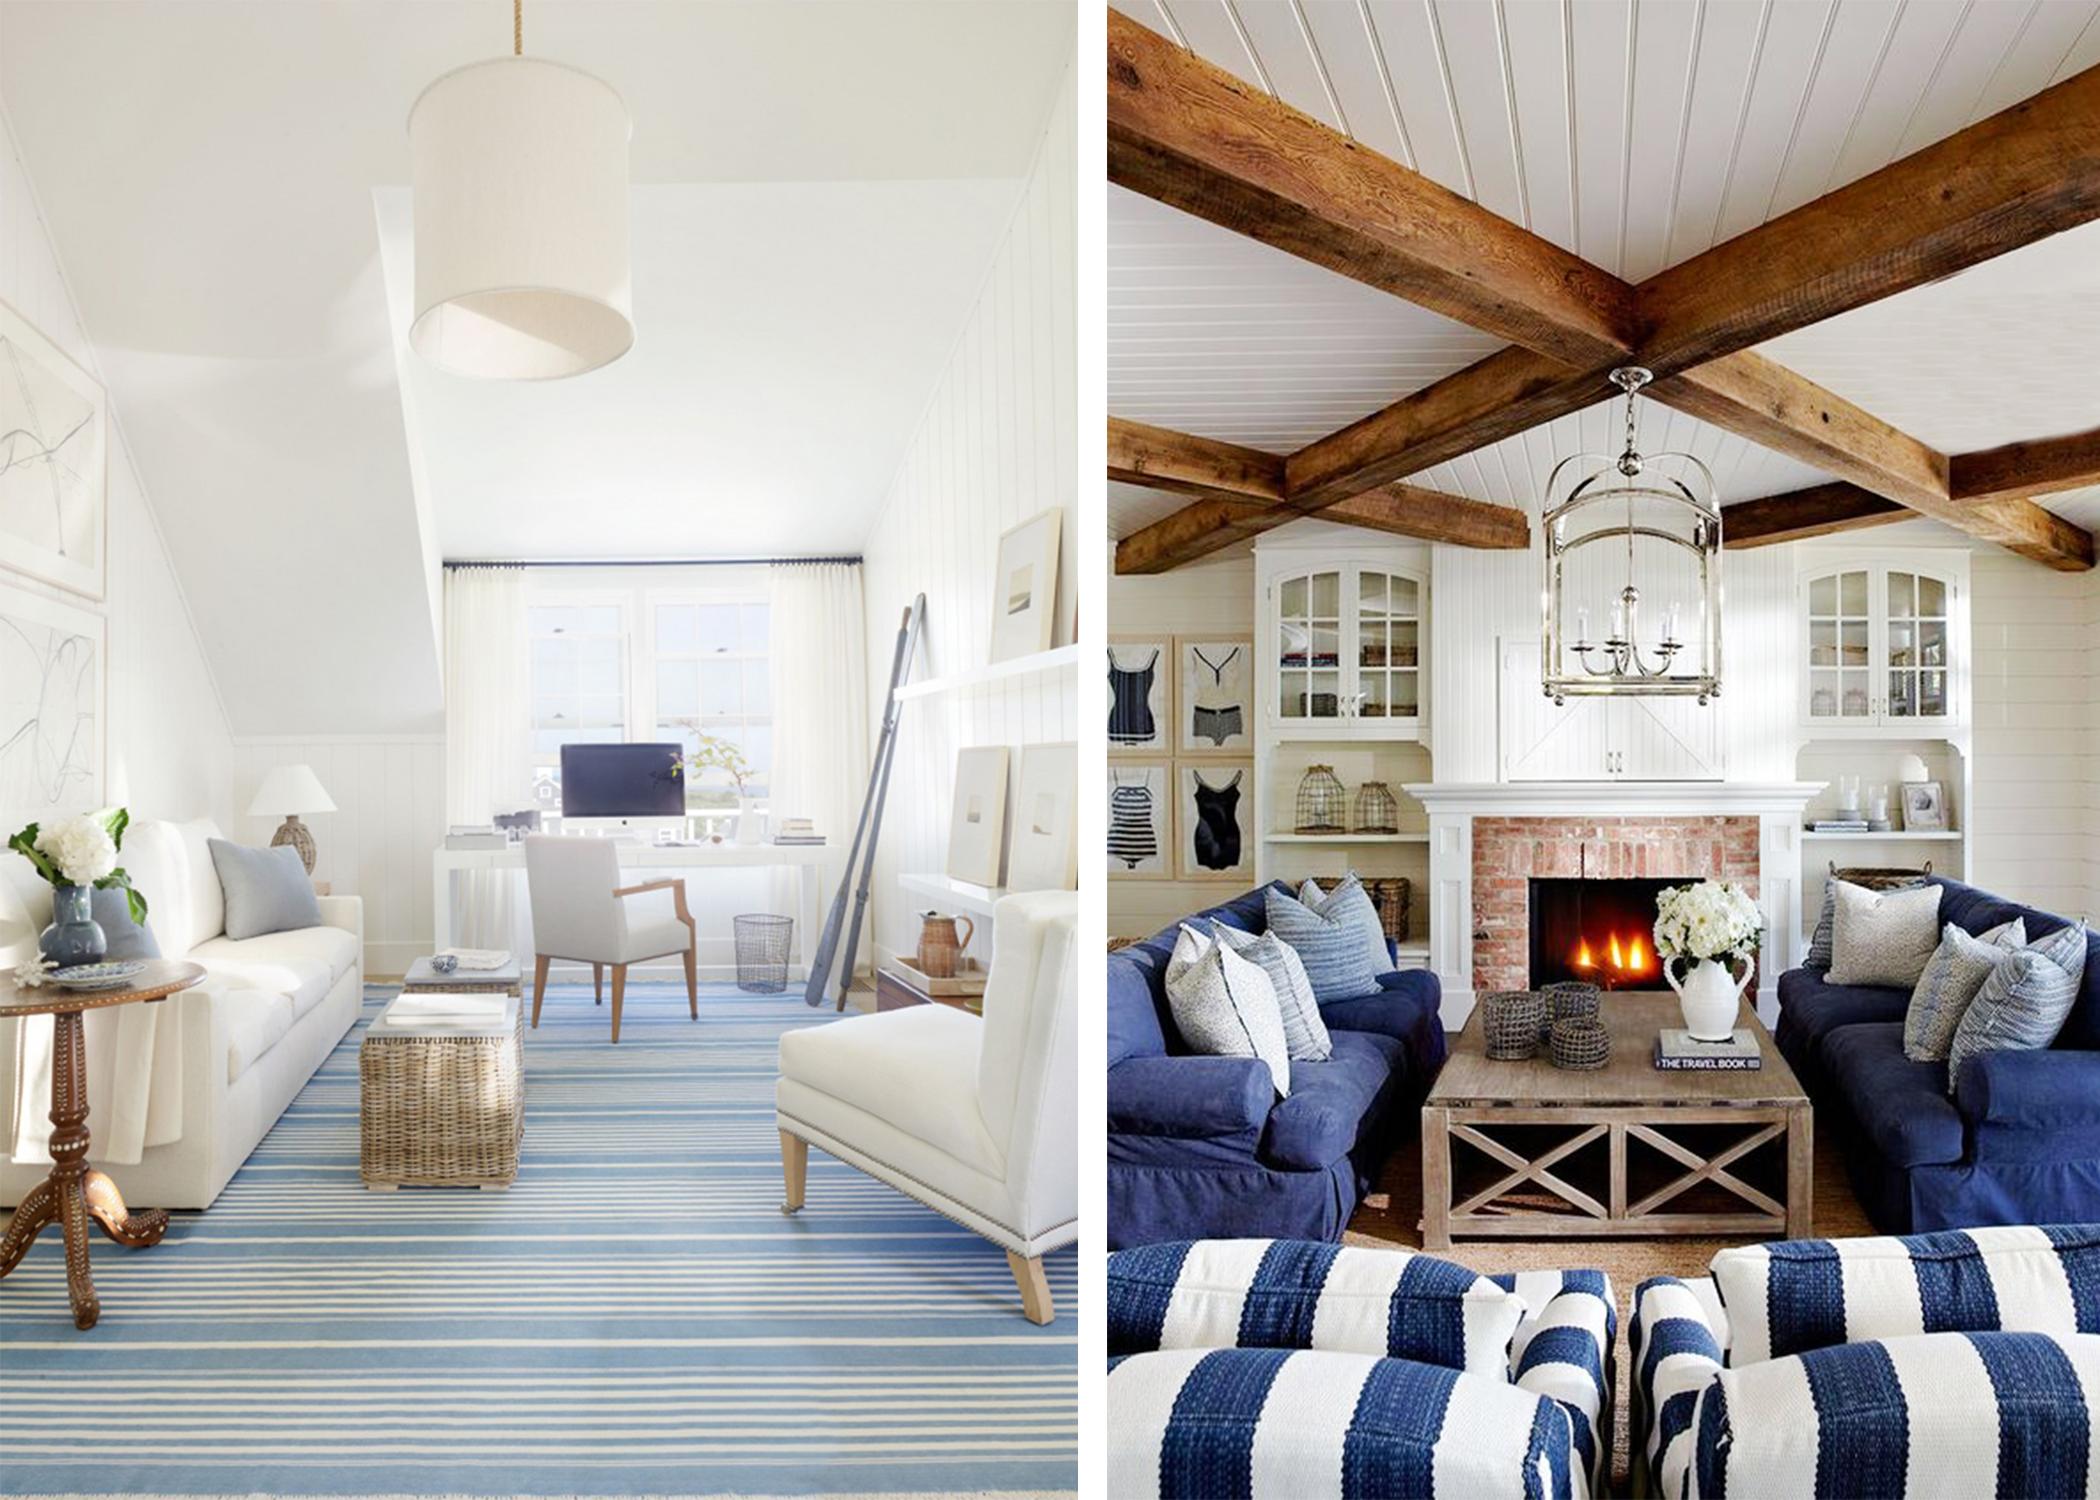 collage of nautical interior design images